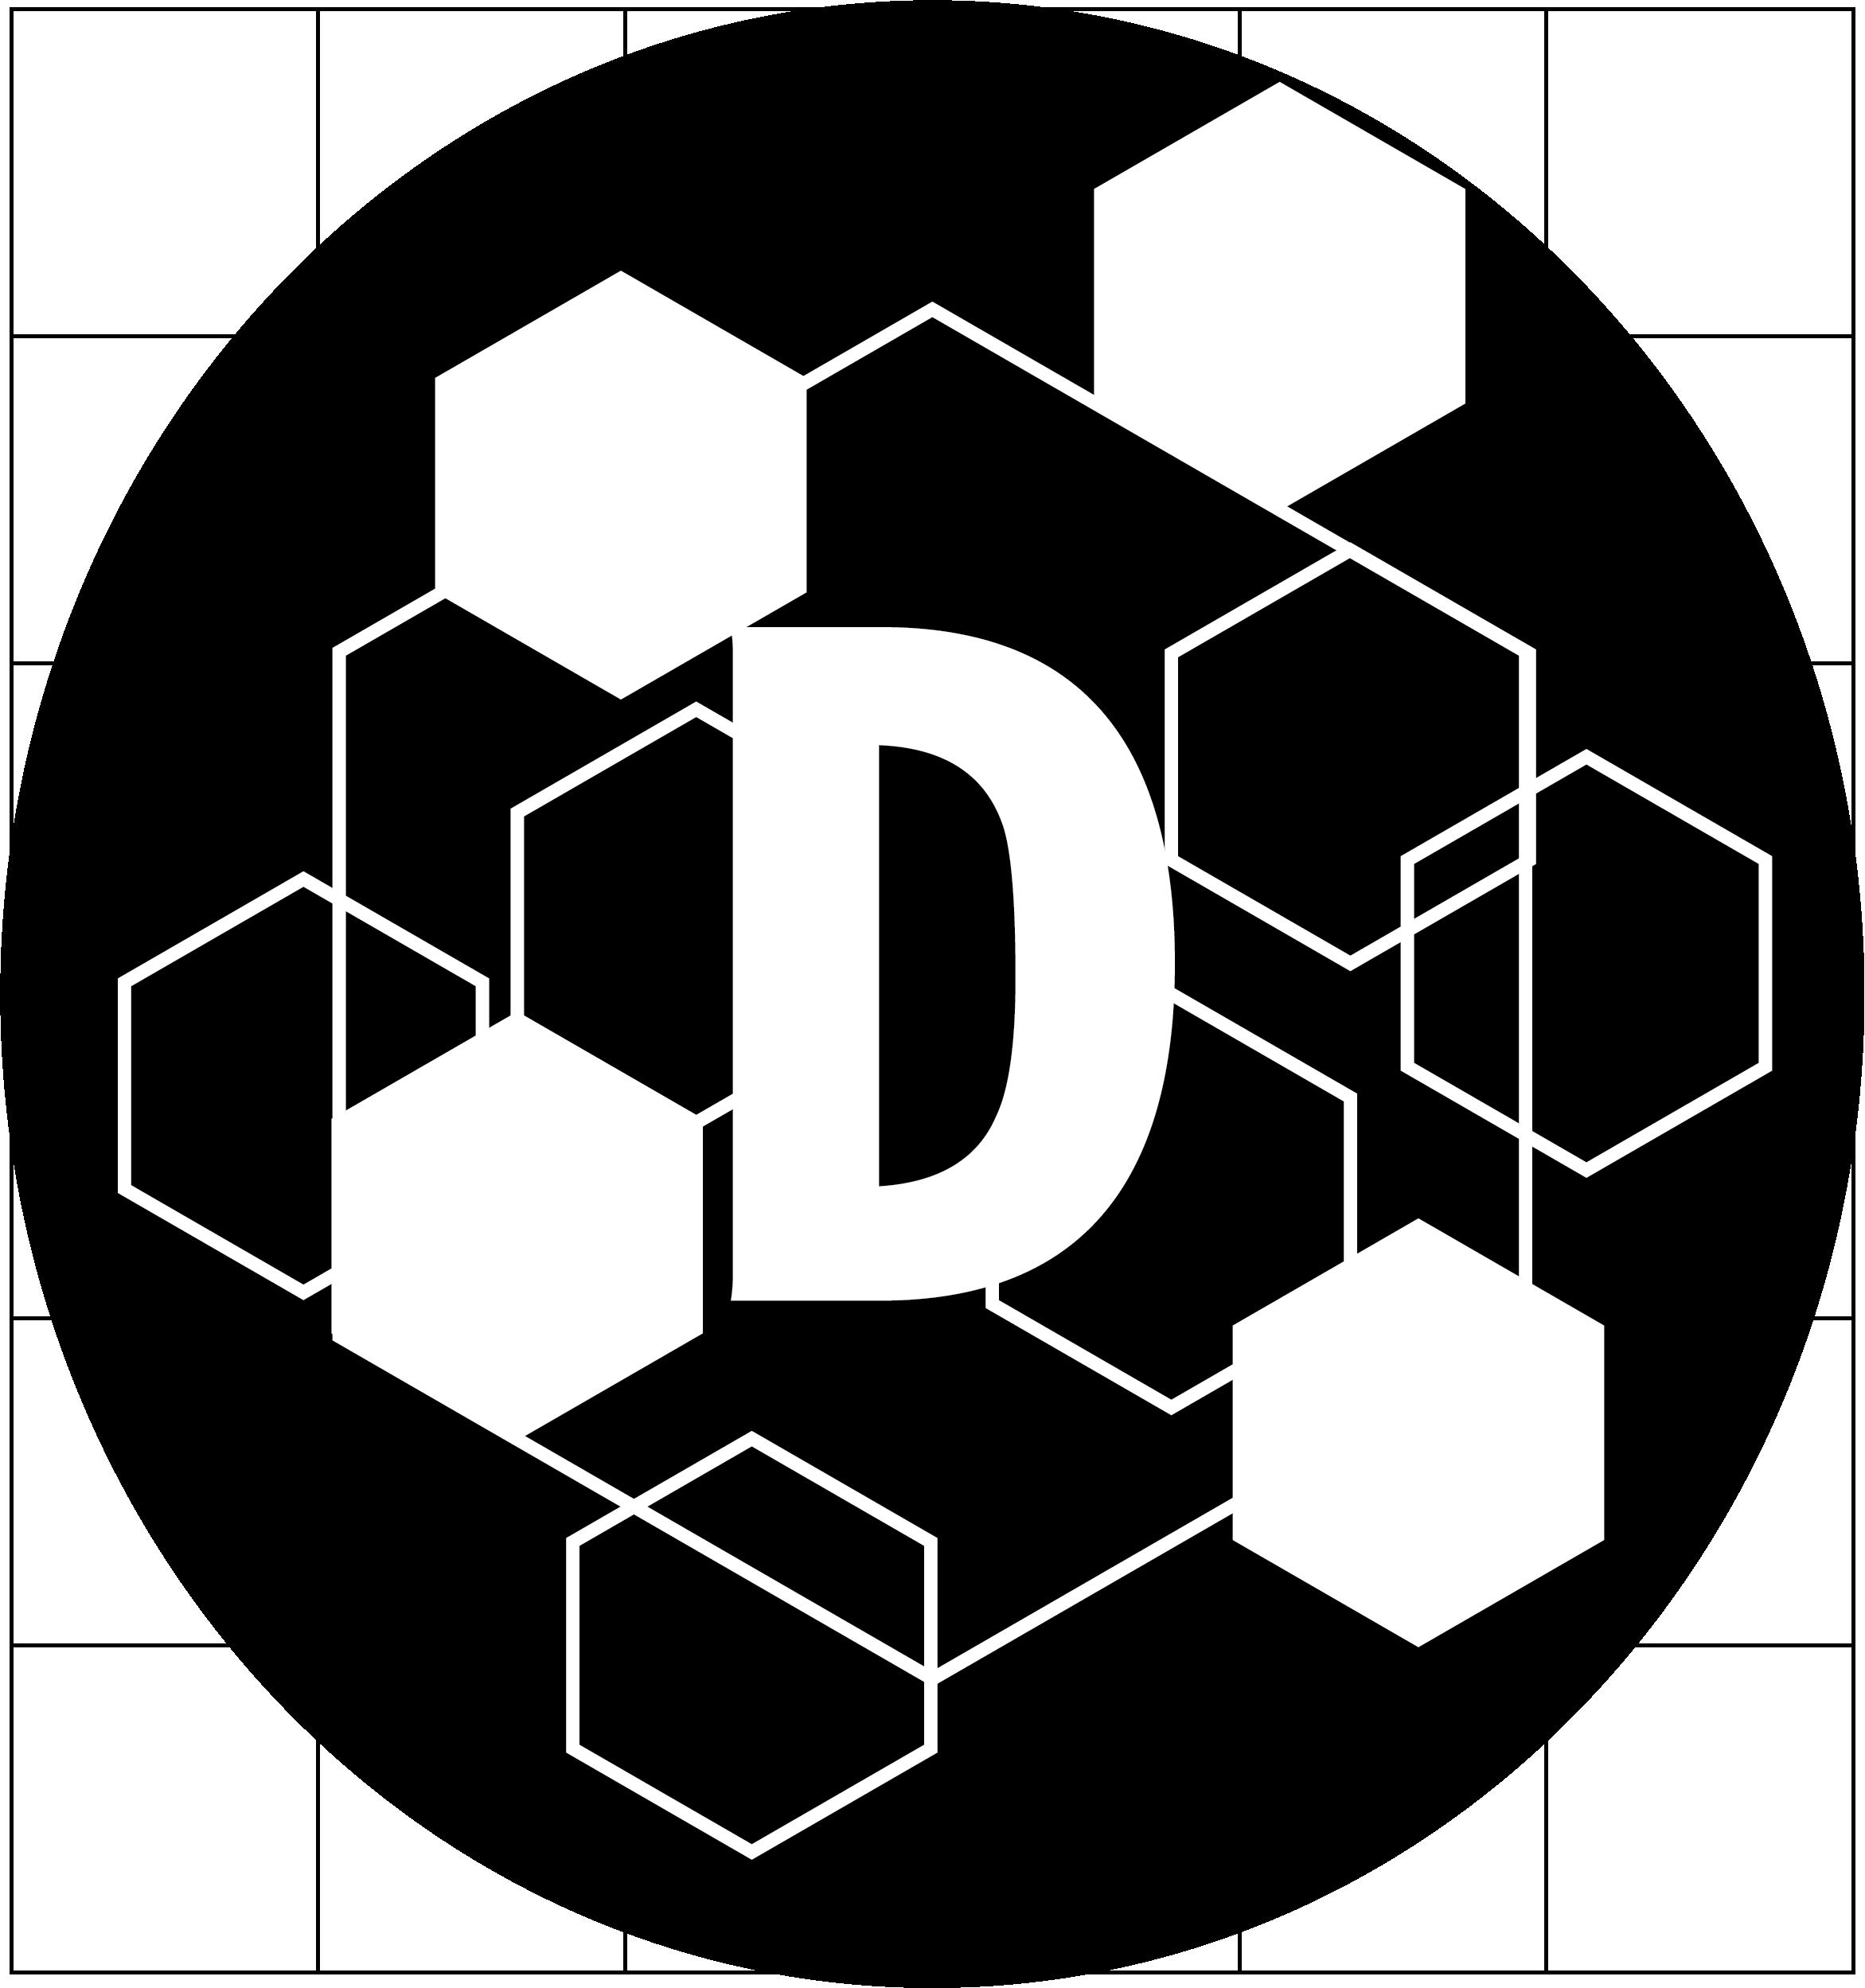 Разработать дизайн ИКОНКИ для логотипа для сети магазинов мужской одежды. фото f_8255e2c605c99ed4.png